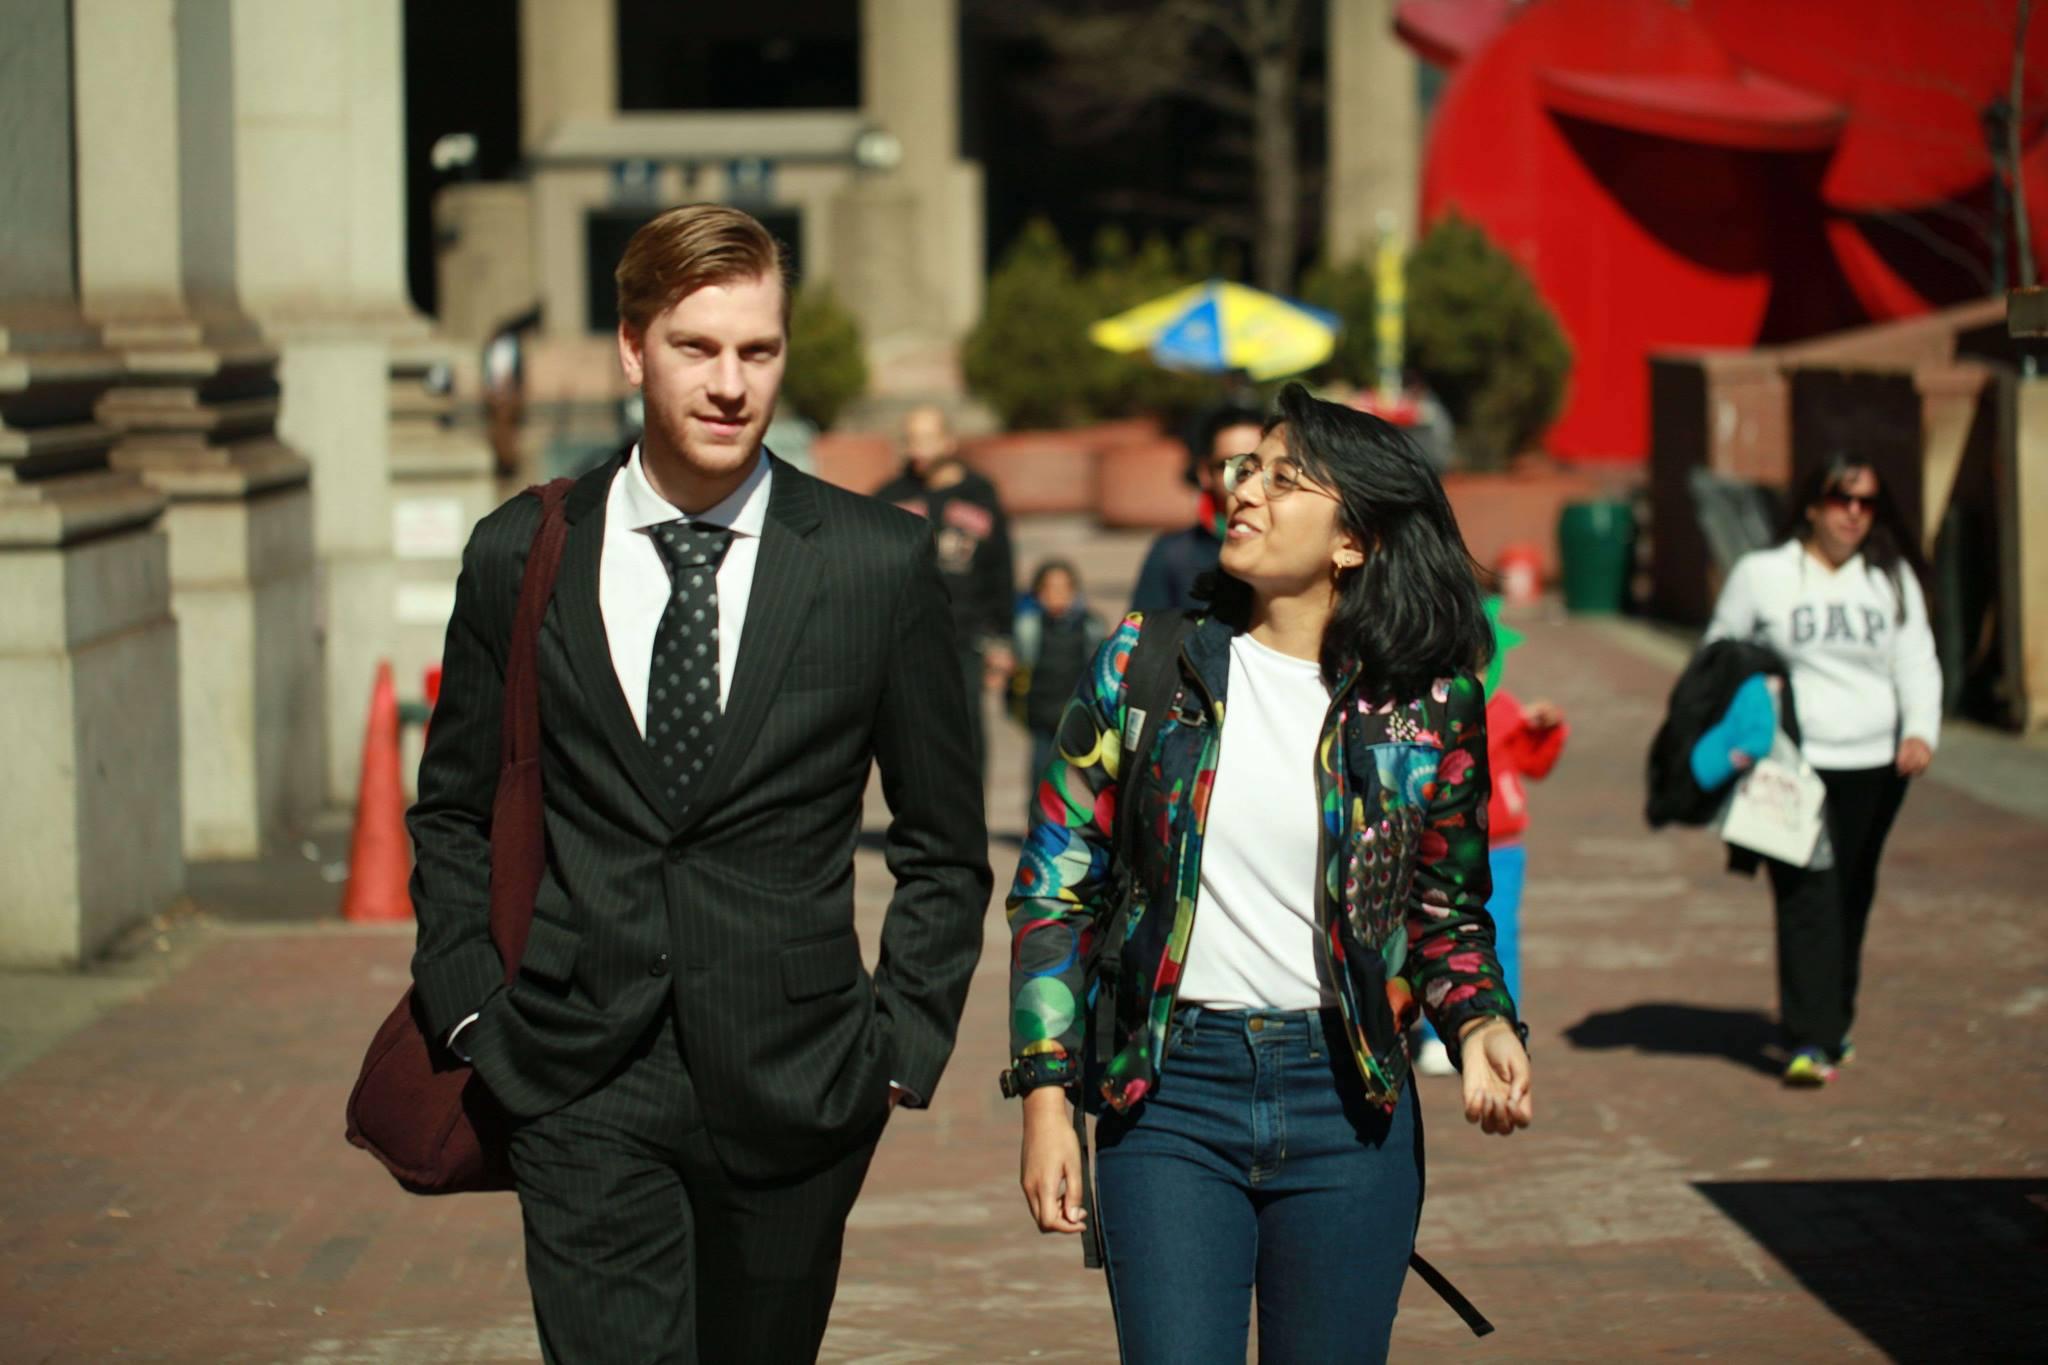 Dan and Isha walking together